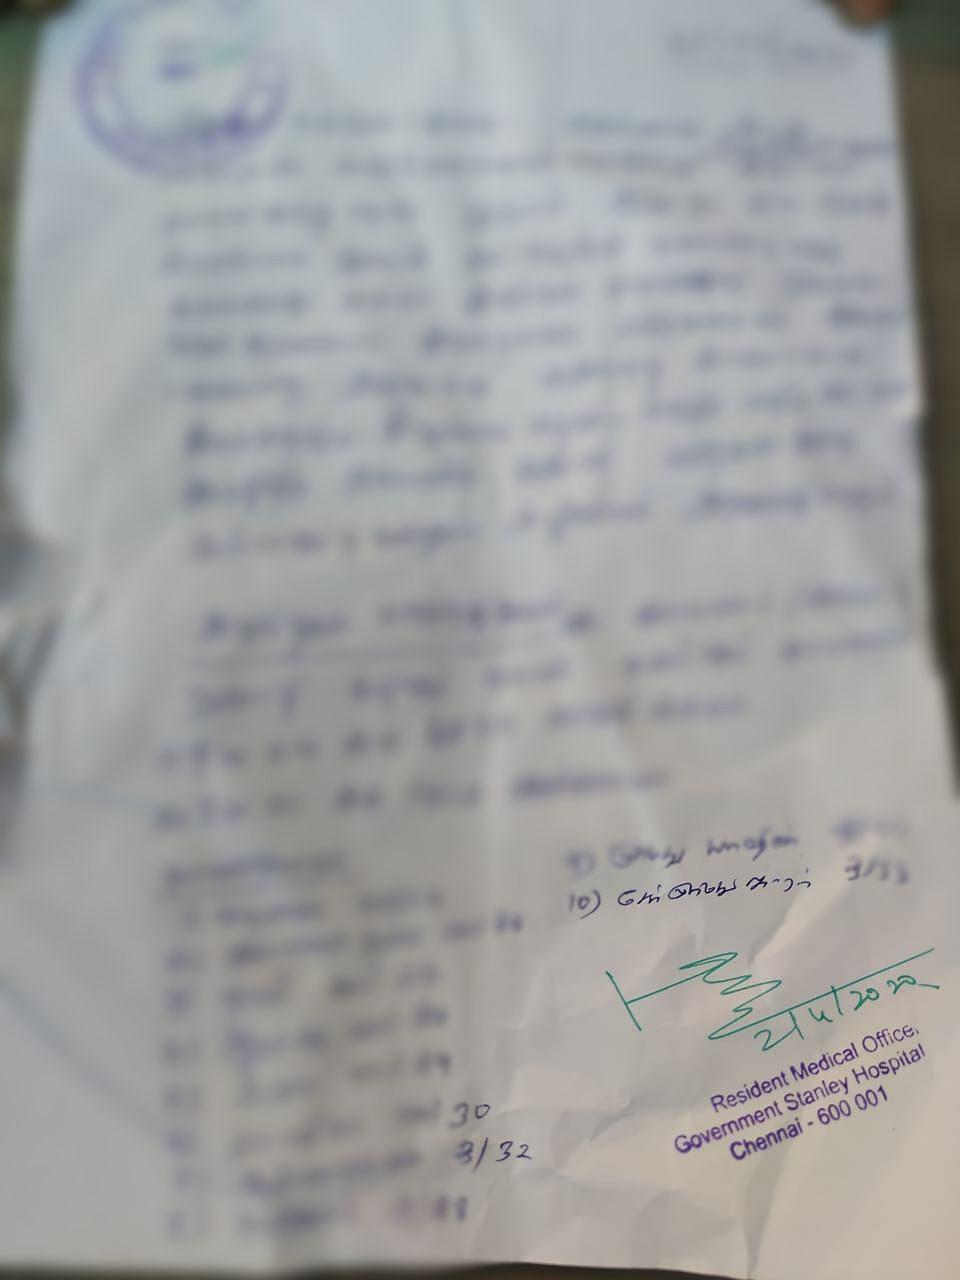 ஆர்.எம்.ஓ-வின் அனுமதிக் கடிதம்